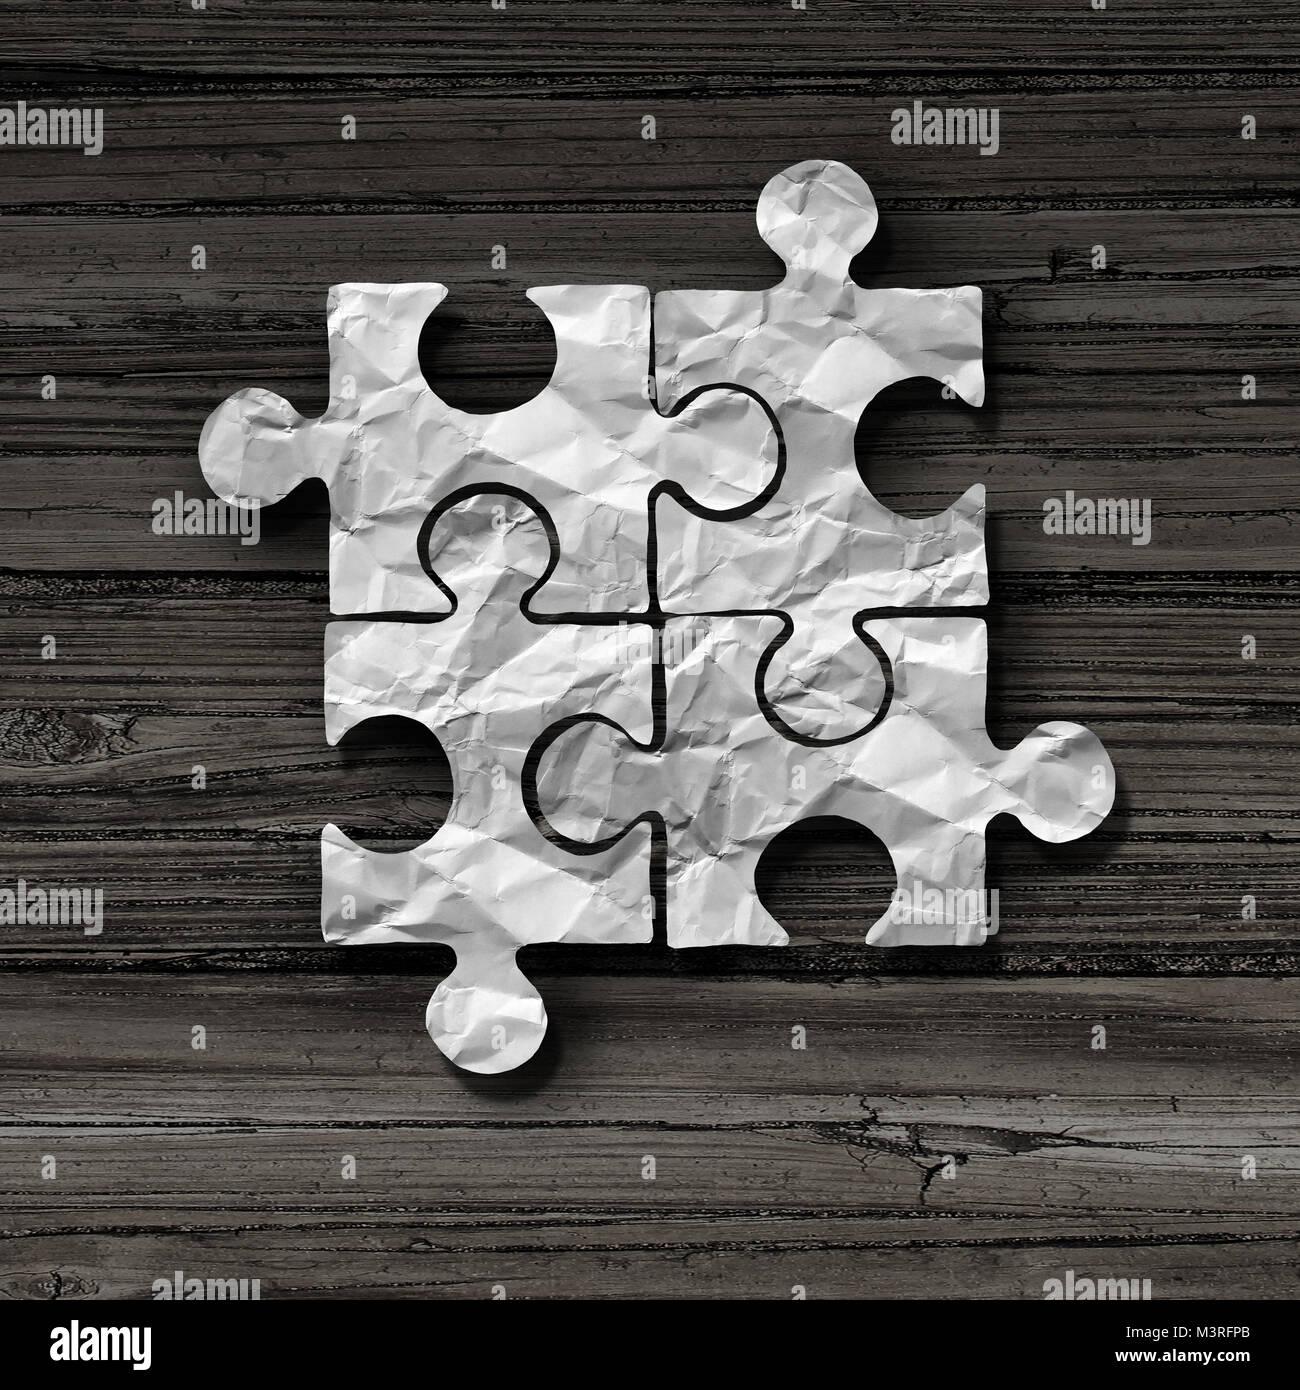 Business puzzle abstracto concepto como símbolo de unidad y de conexión como una pieza del rompecabezas metáfora Foto de stock